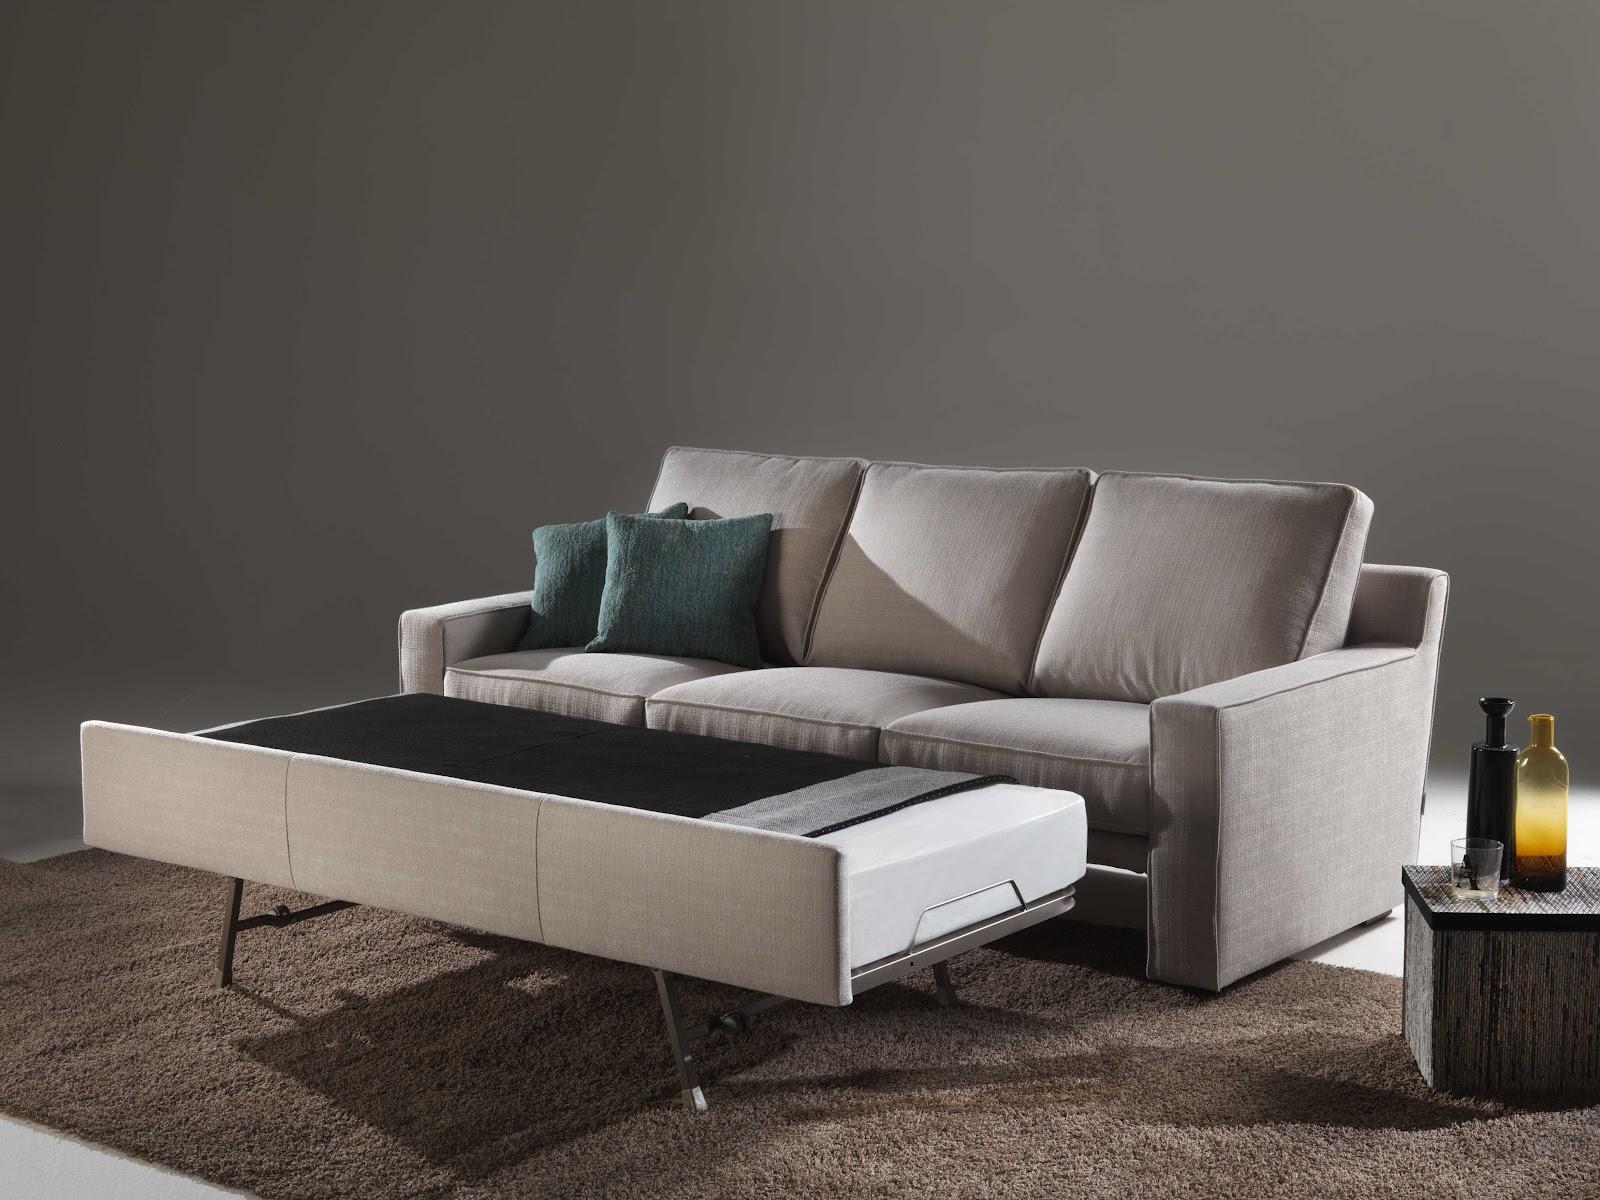 Santambrogio Salotti: produzione e vendita di divani e ...